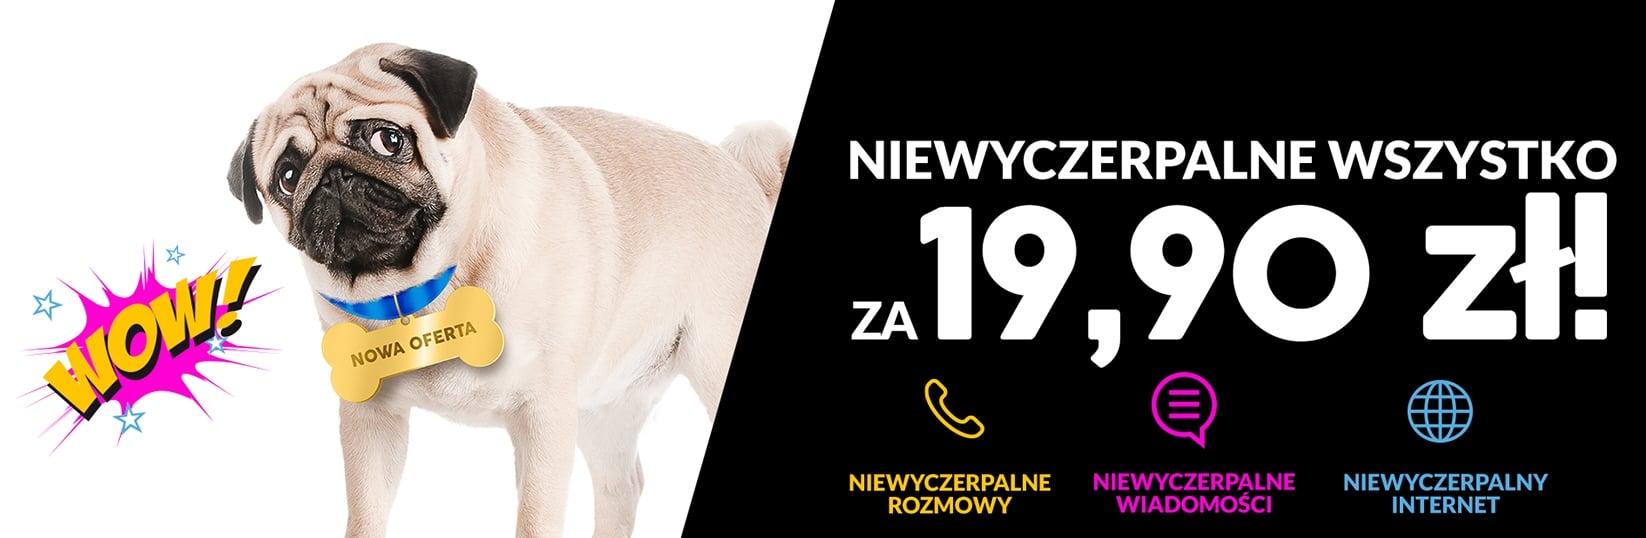 Tabletowo.pl Nowa oferta a2mobile: całkowity no limit za jedyne 19,90 złotych GSM Nowości